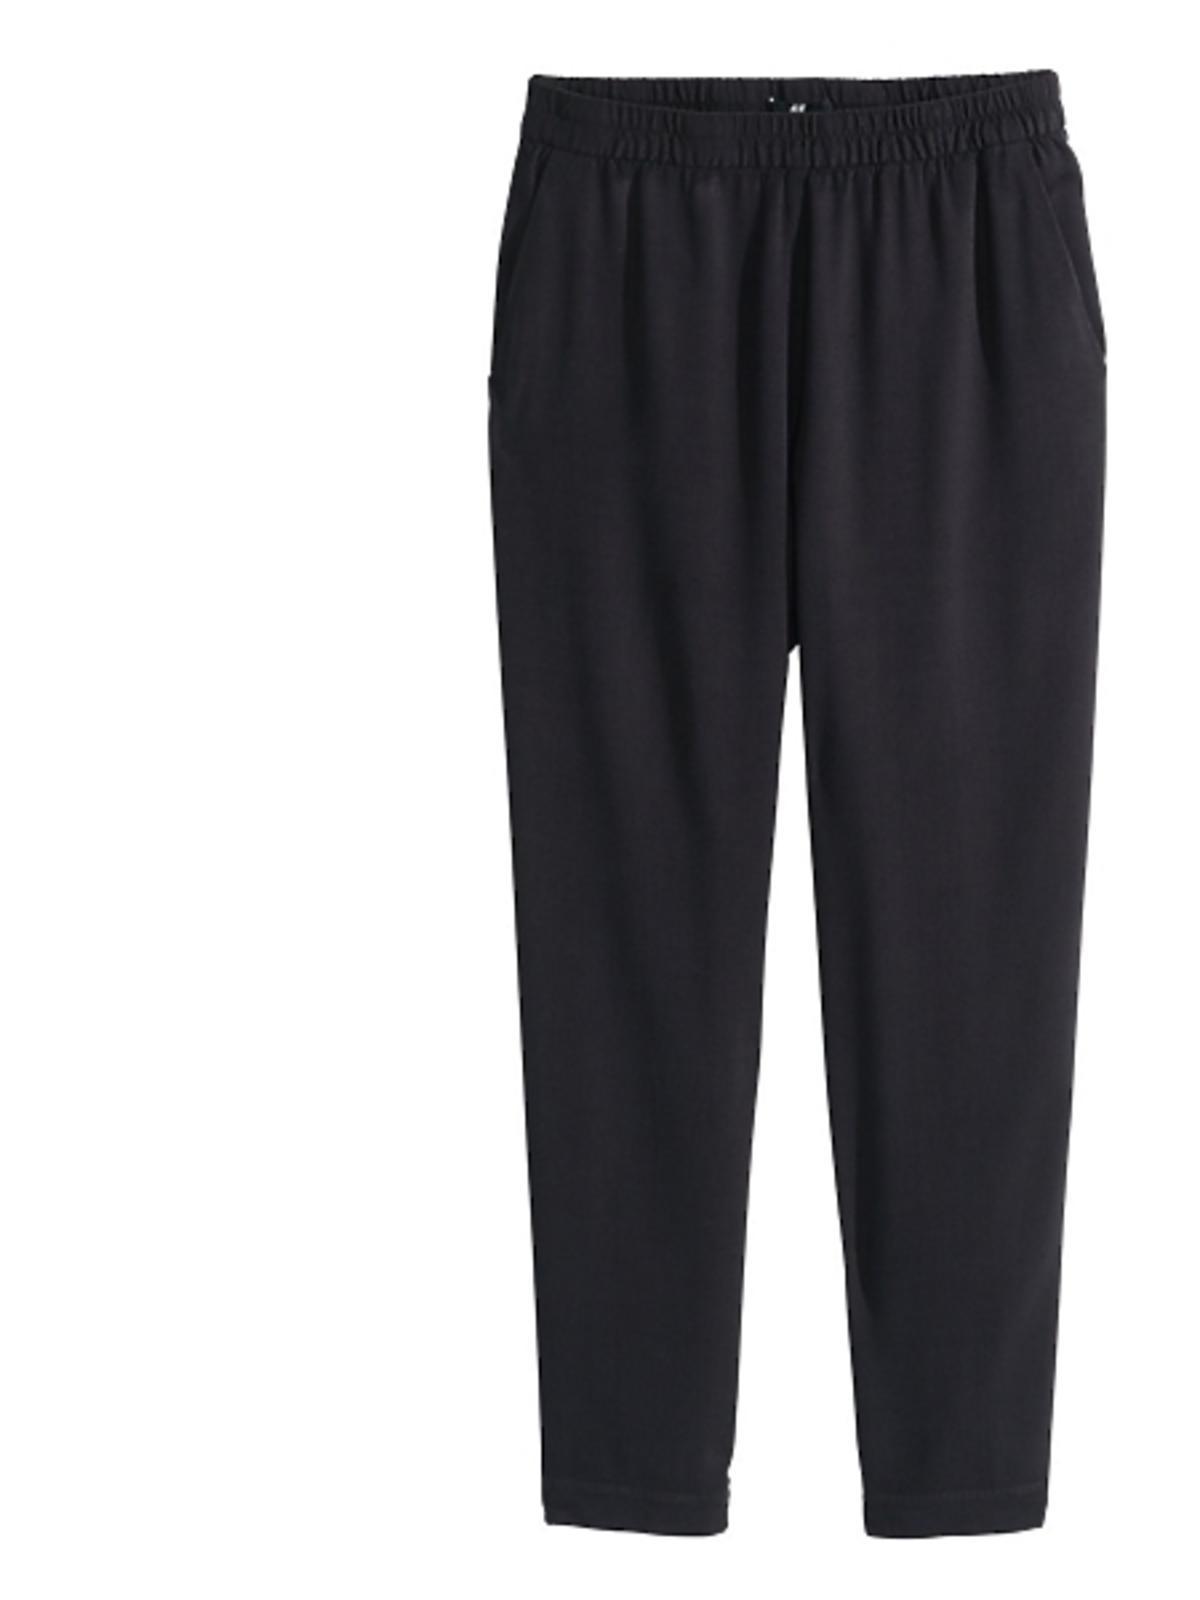 Czarne spodnie H&M, cena